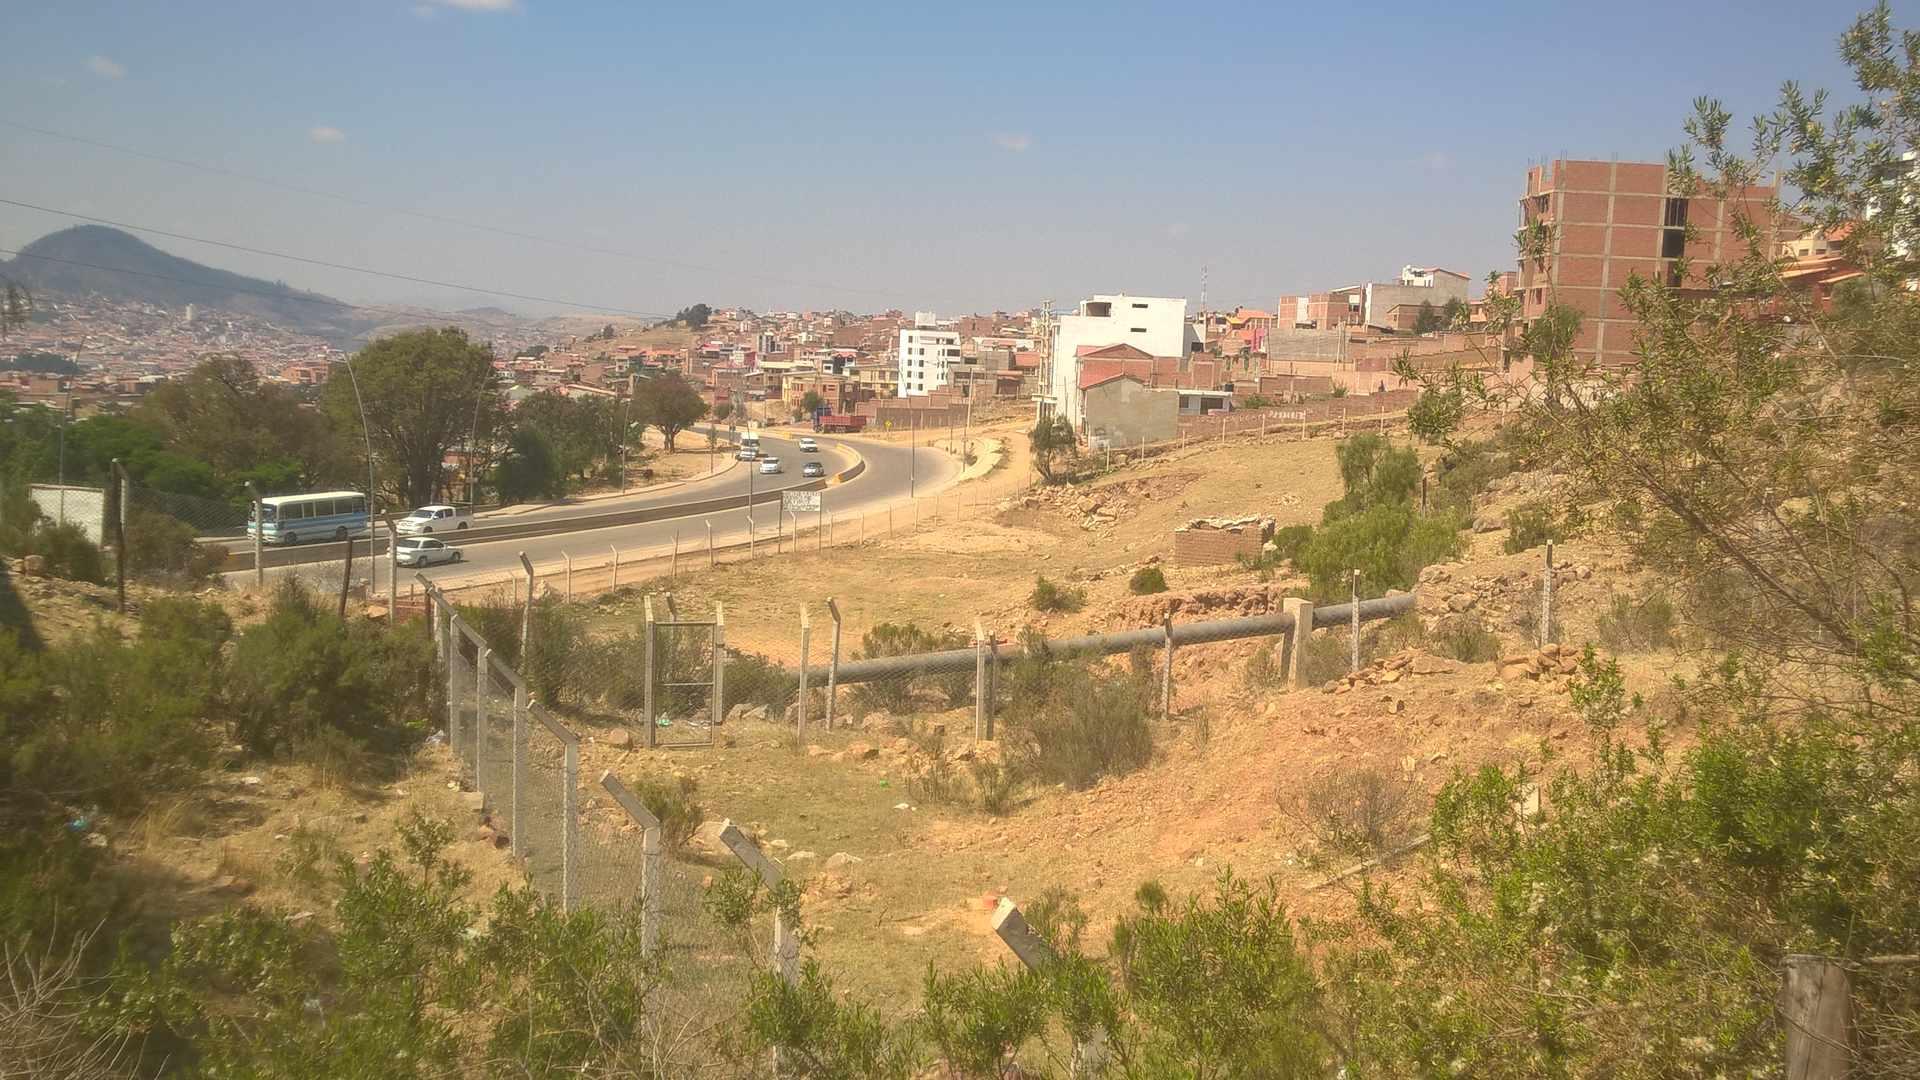 Terreno en Venta Calle sin denominación próximo: al Mirador (a una cuadra y media) y la Av. Juana Azurduy de Padilla. Foto 3